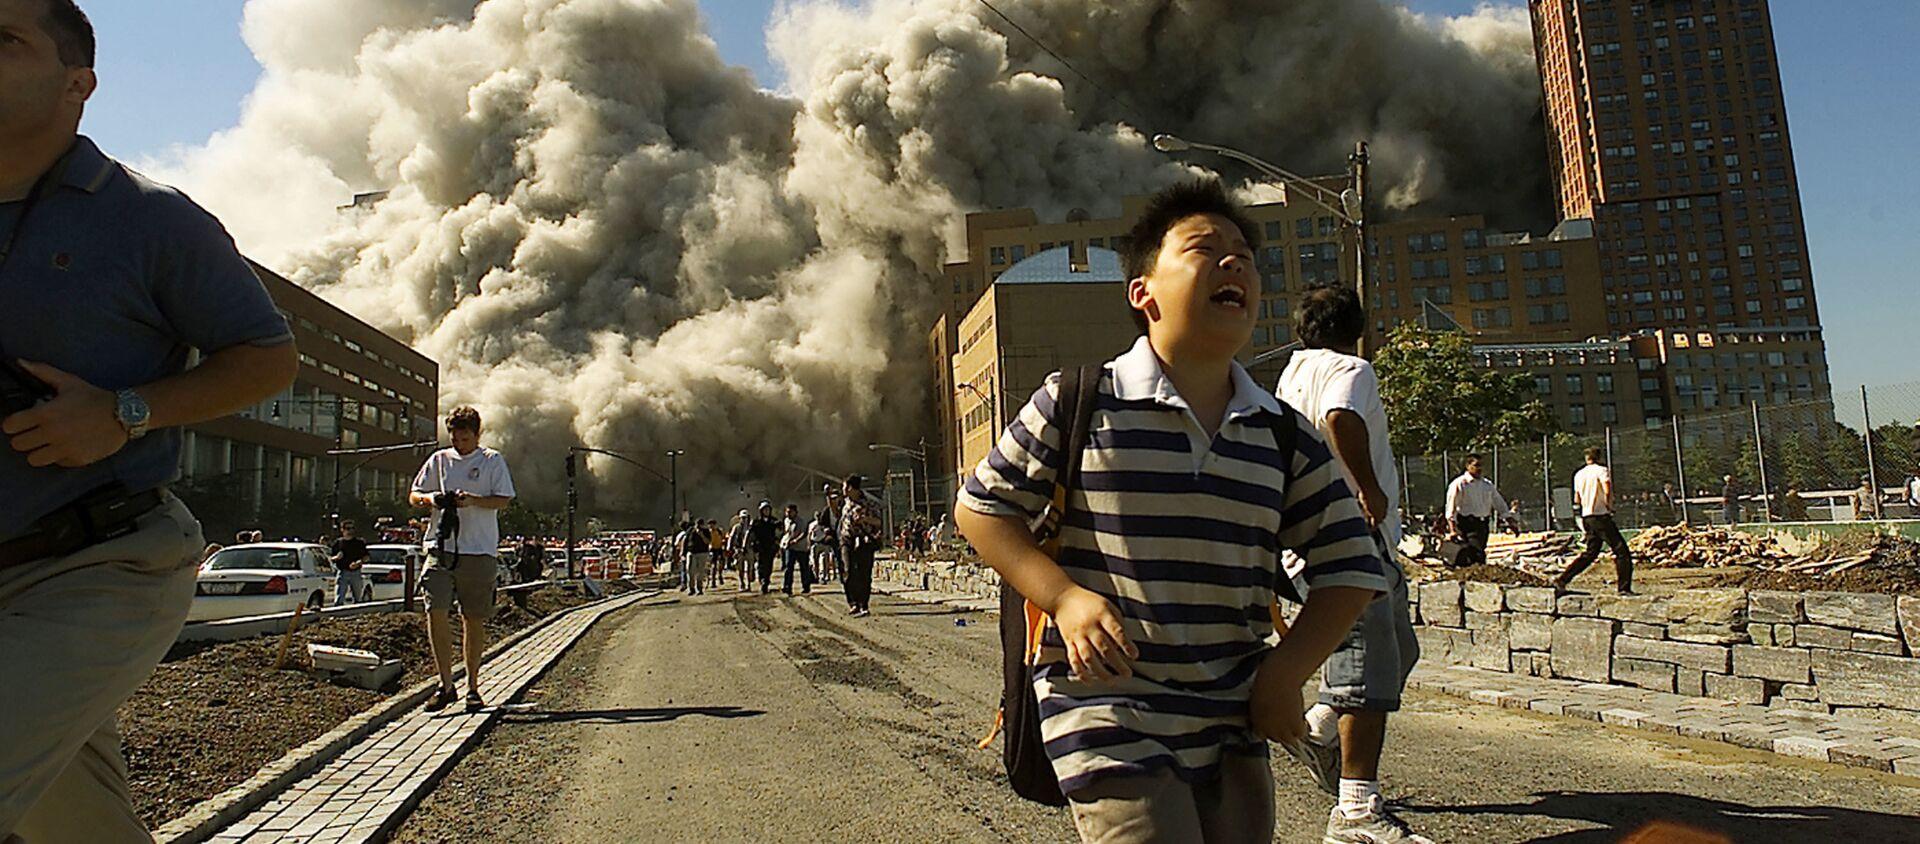 Људи беже из Светског трговинског центра након што је нападнут 11. септембра 2001. године. - Sputnik Србија, 1920, 12.09.2019